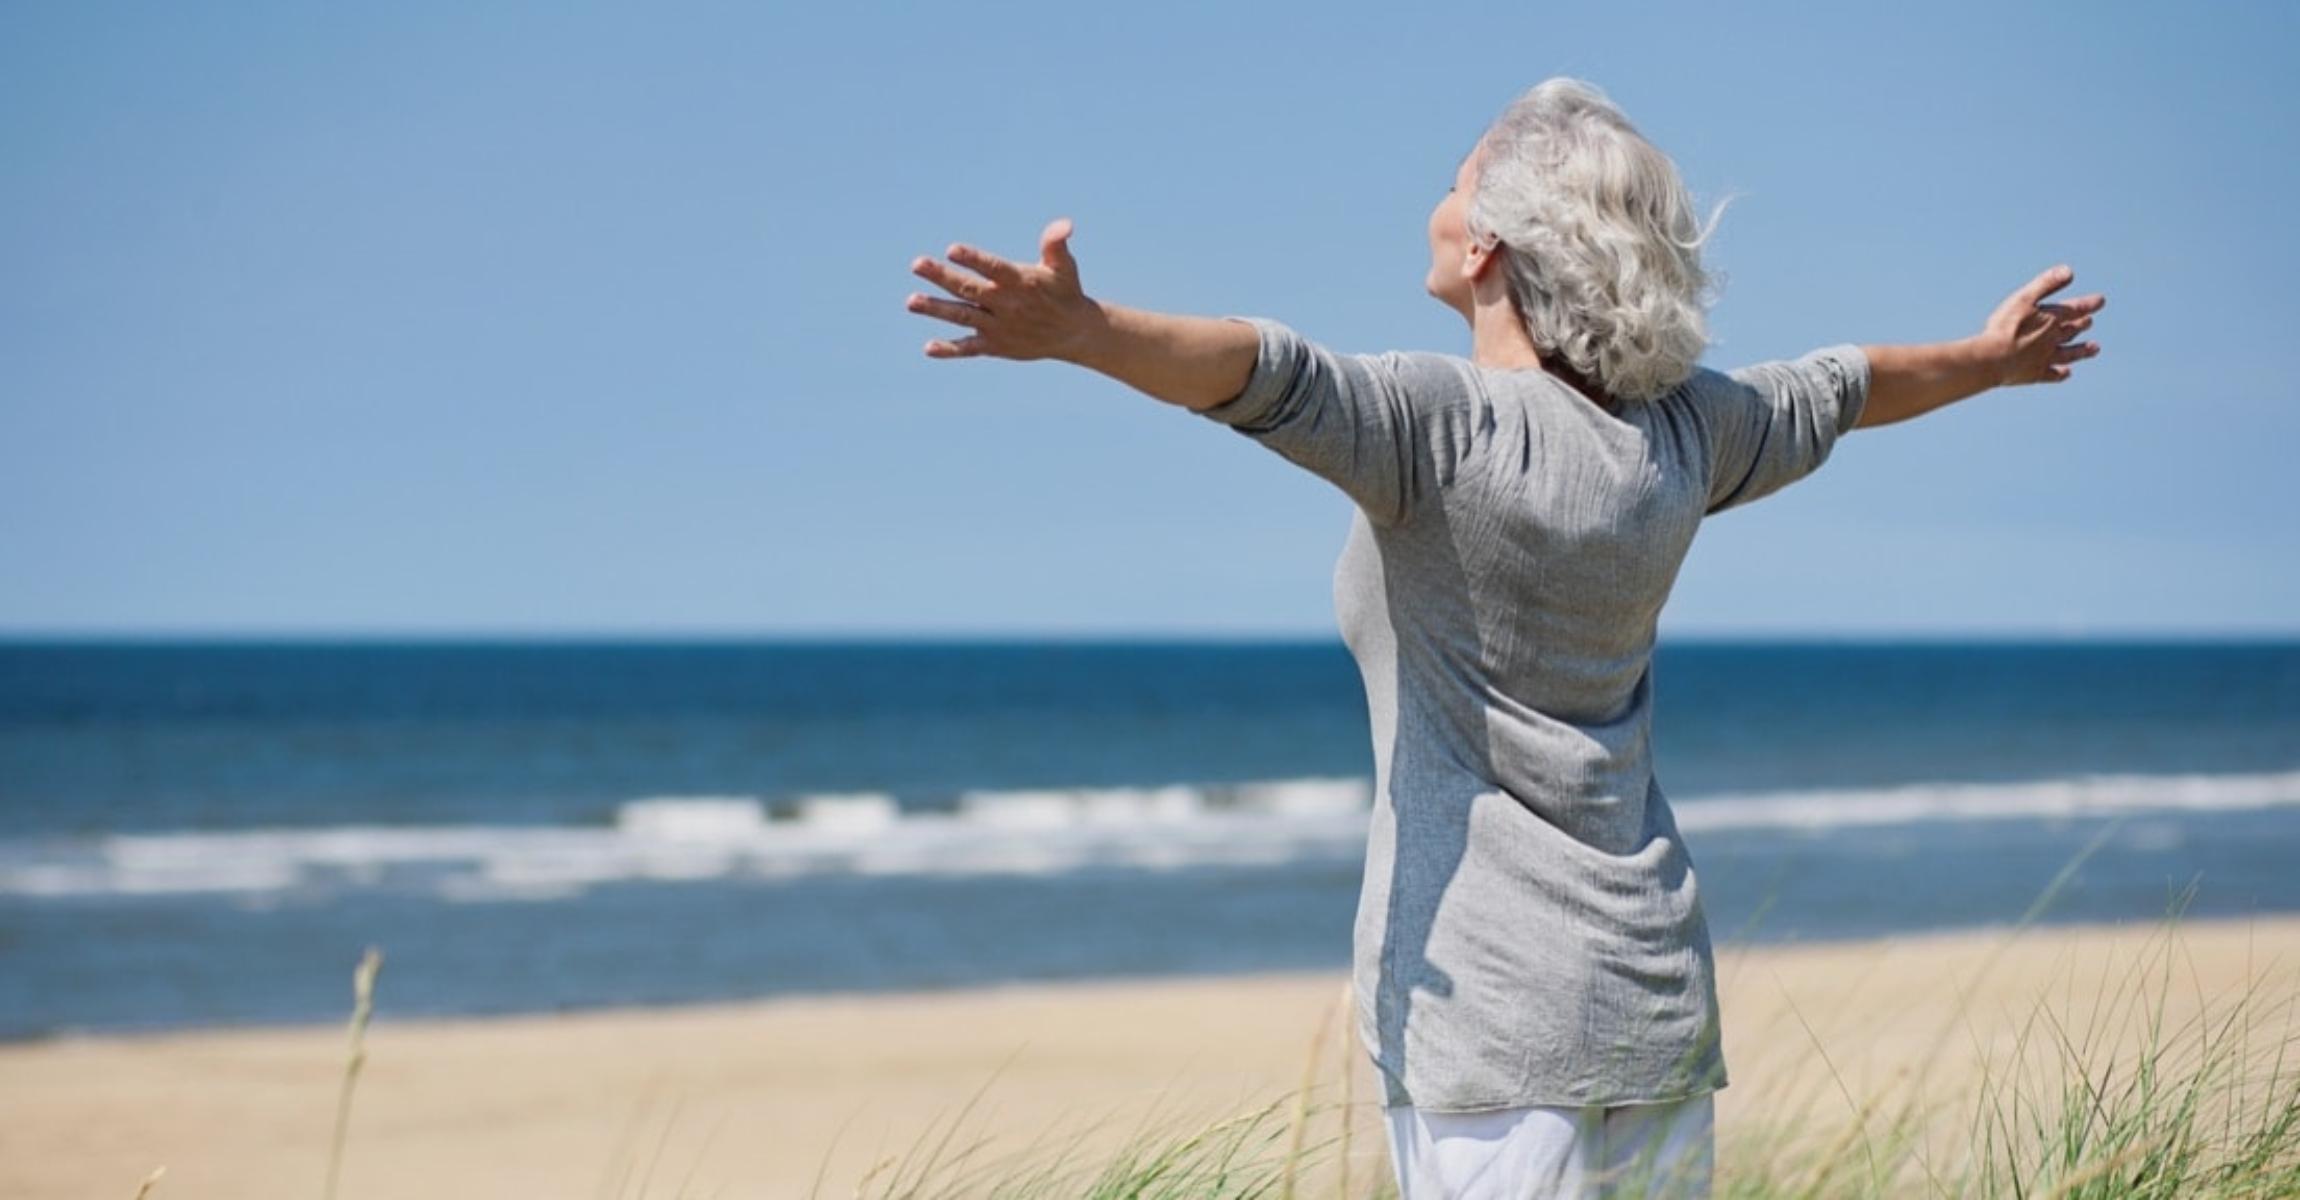 Στα πρόθυρα της συνταξιοδότησης: Τι θα γίνει στη ζωή μου;